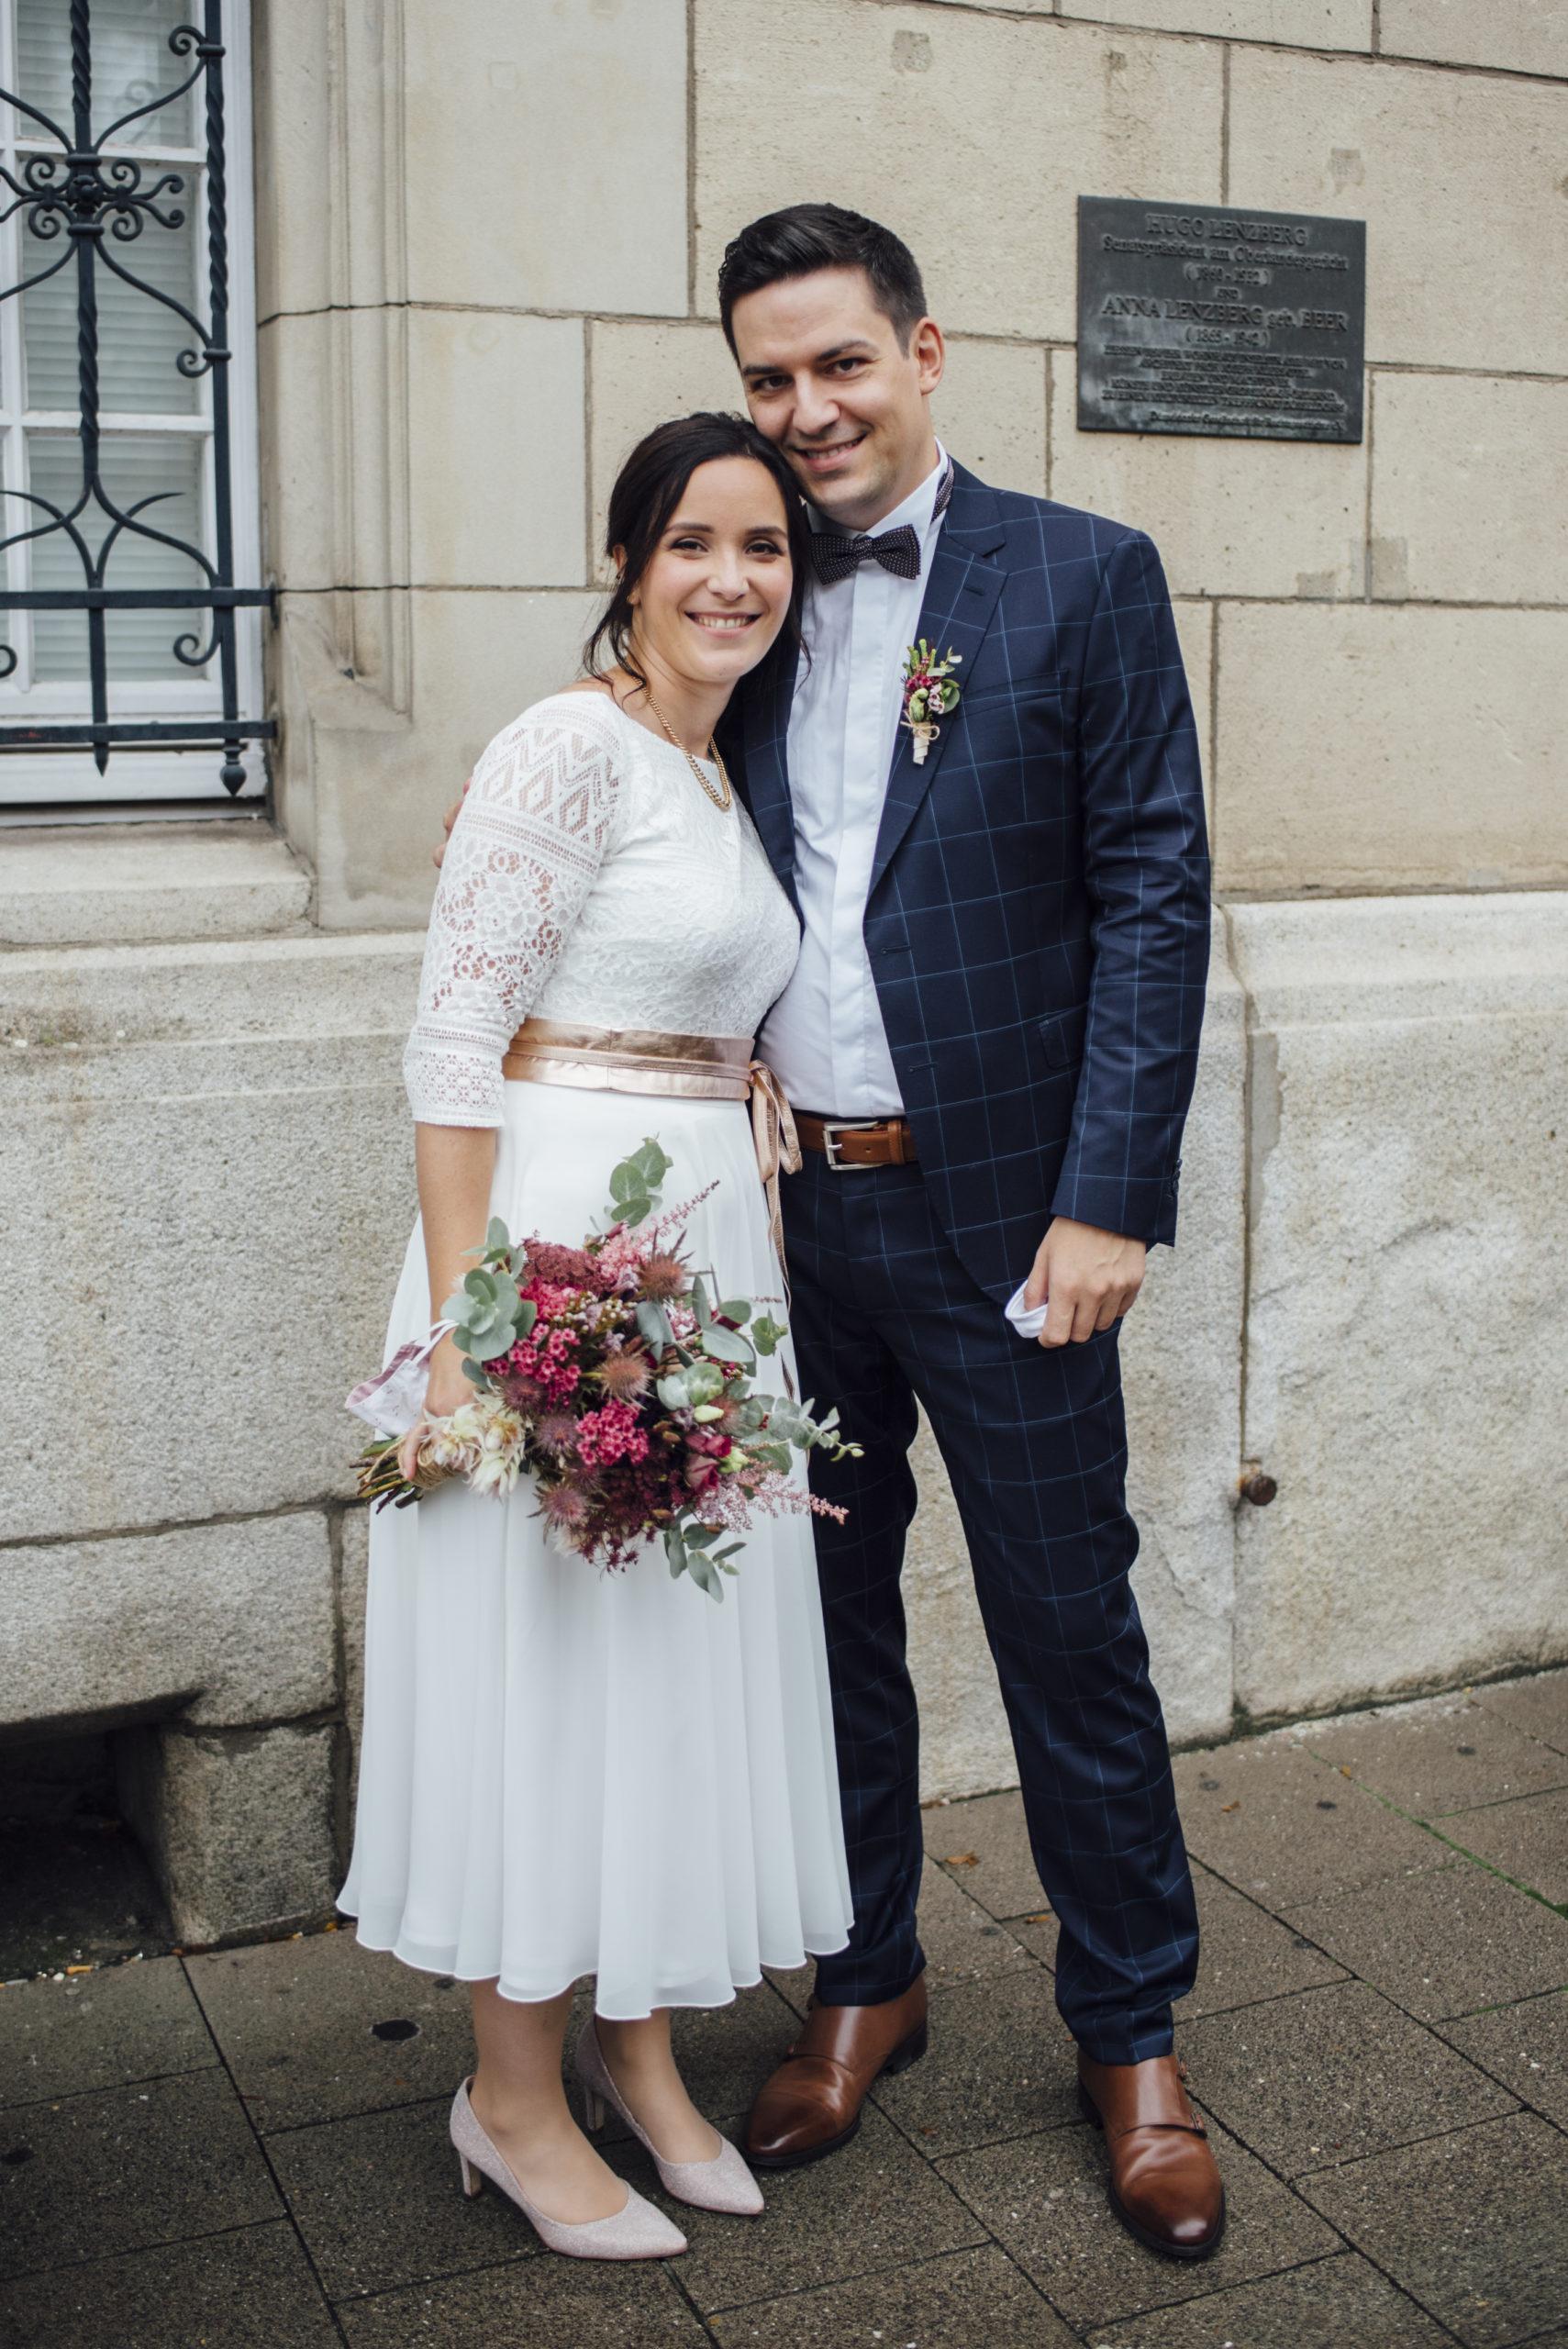 Brautpaar in Kamera lachend, Braut mit buntem Strauss, weißem Brautkleid-Zweiteiler und Gürtel in Roségold-Metallic, Bräutigam mit blau-kariertem Anzug und Fliege